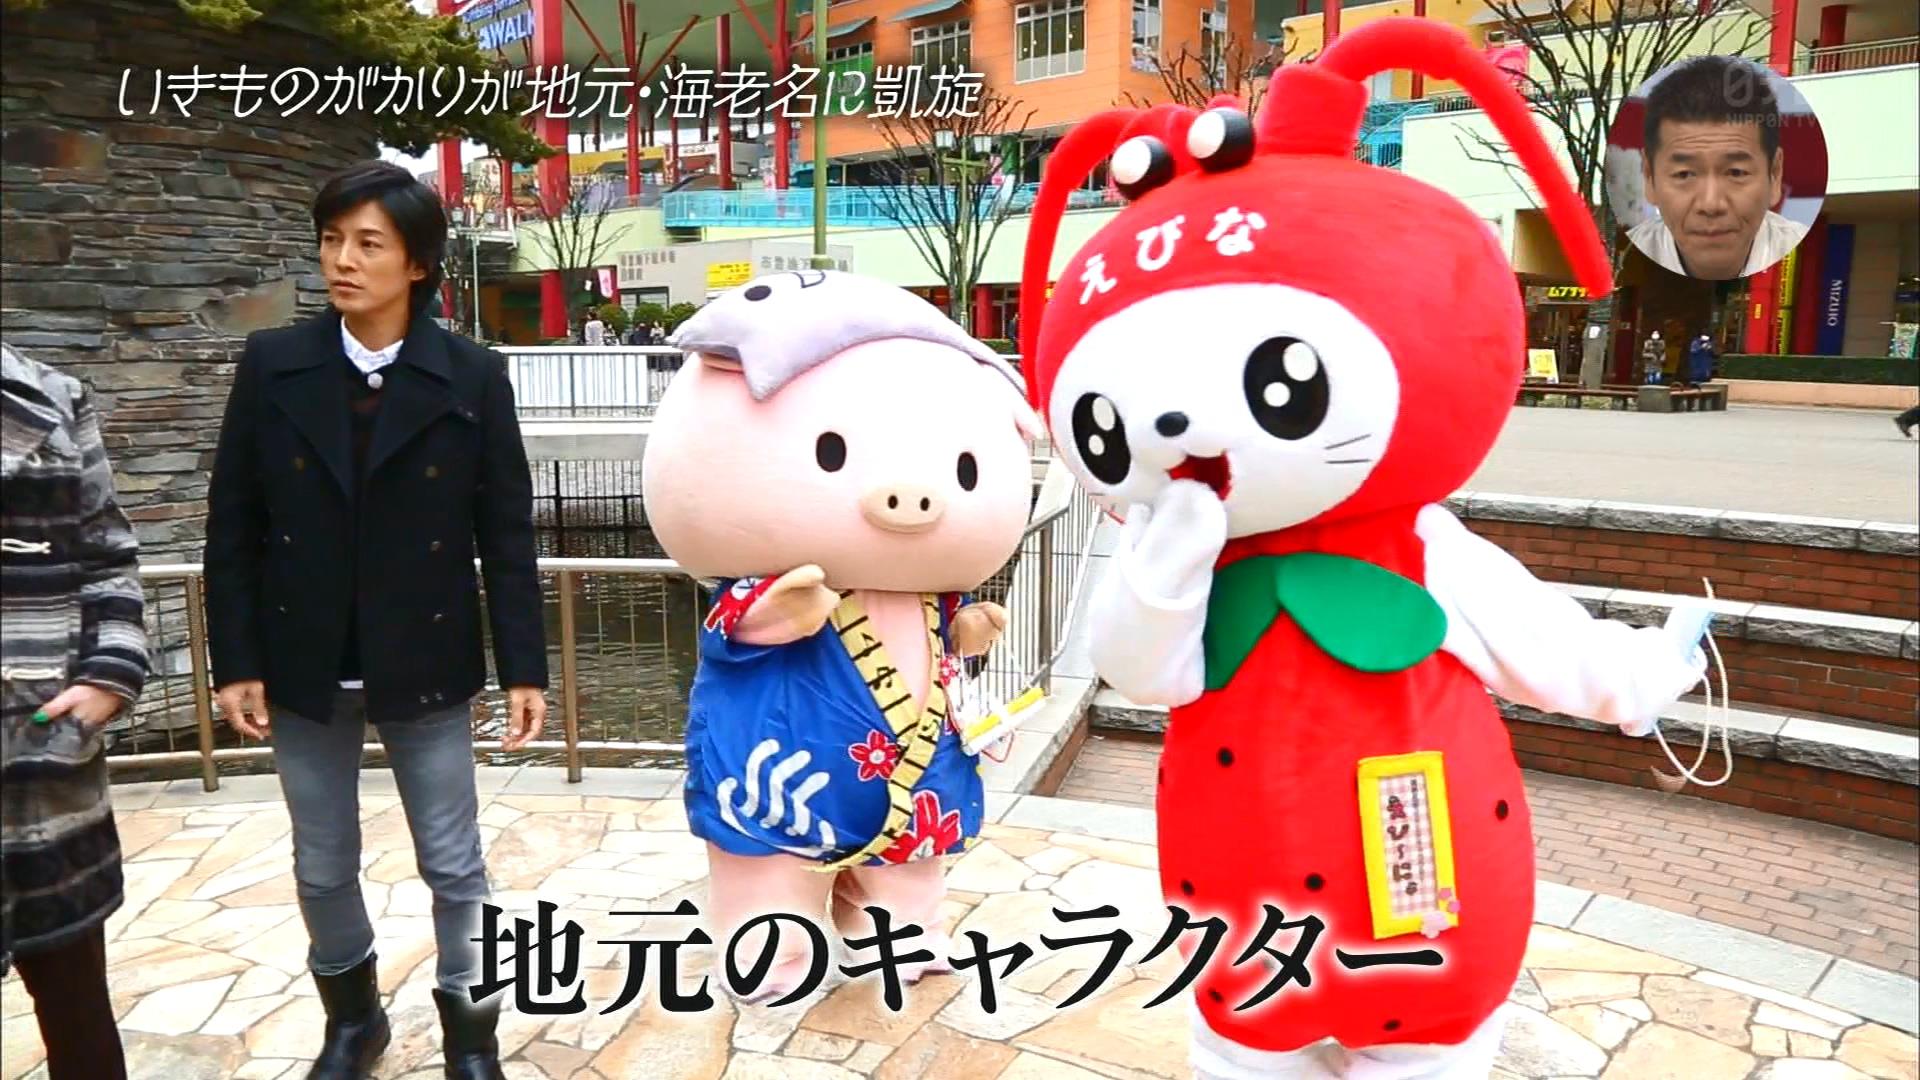 2016.03.13 全場(おしゃれイズム).ts_20160314_011406.974